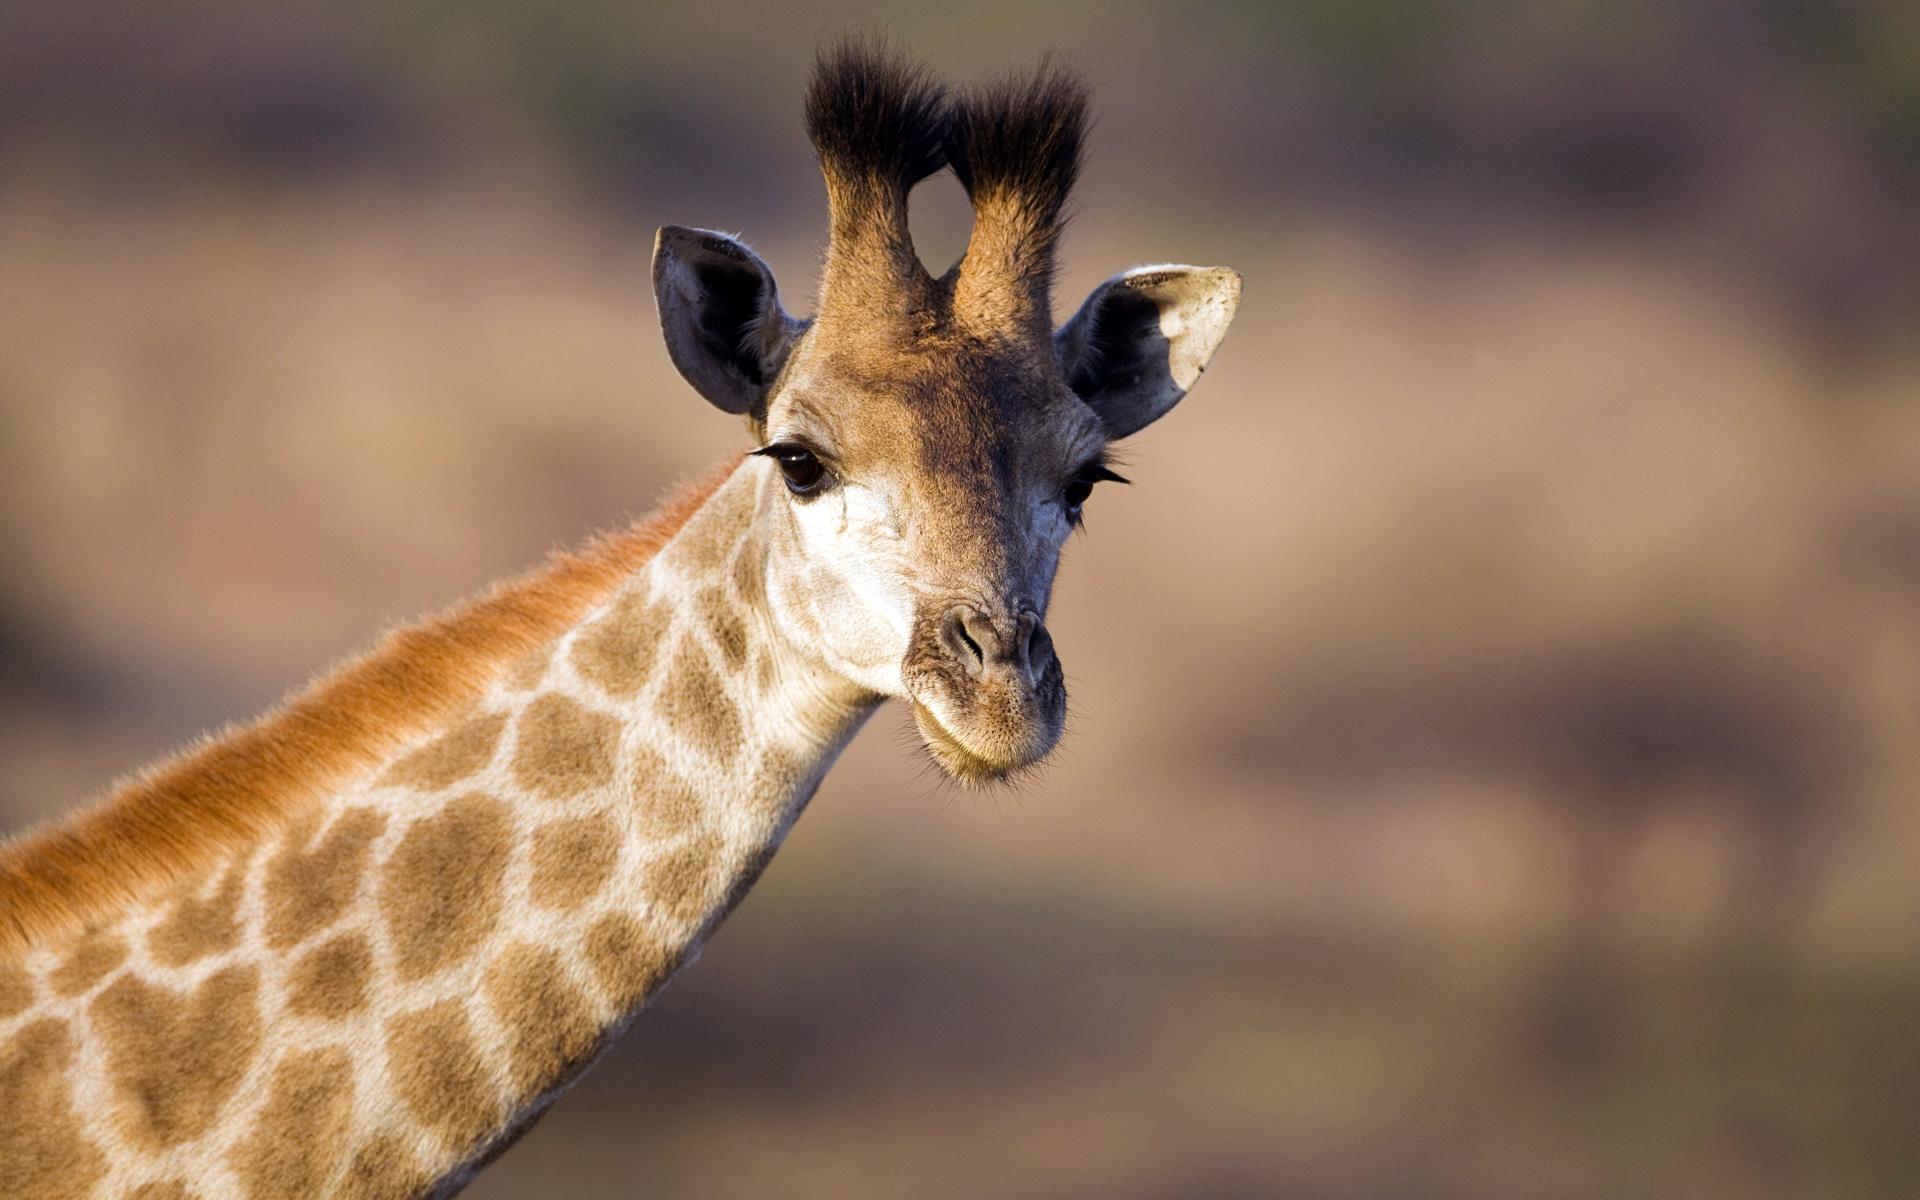 软件下载 桌面主题 风光主题 微软官方win8主题《非洲野生动物》 应用